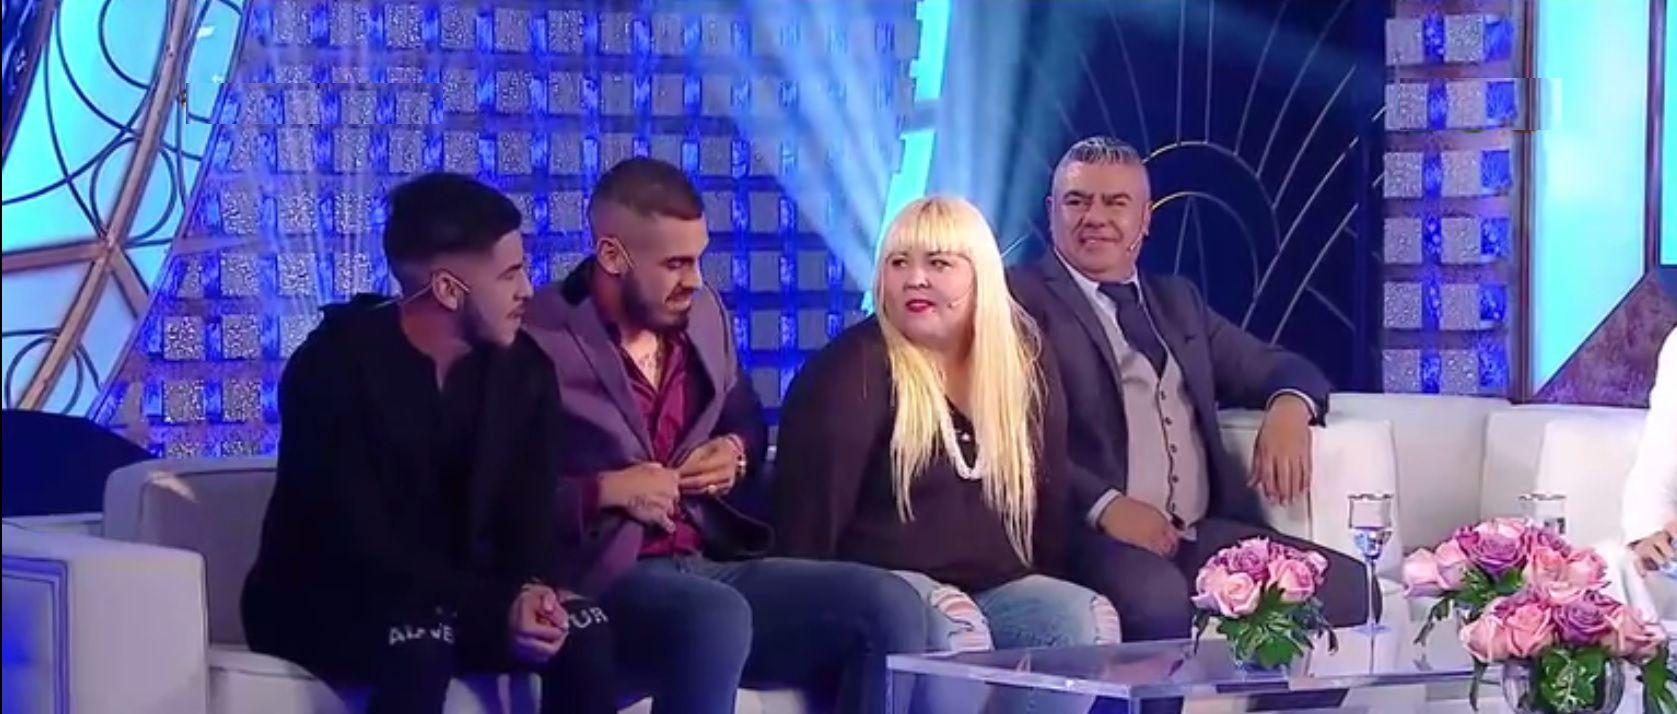 Chiqui Tapia y su familia por primera vez en televisión